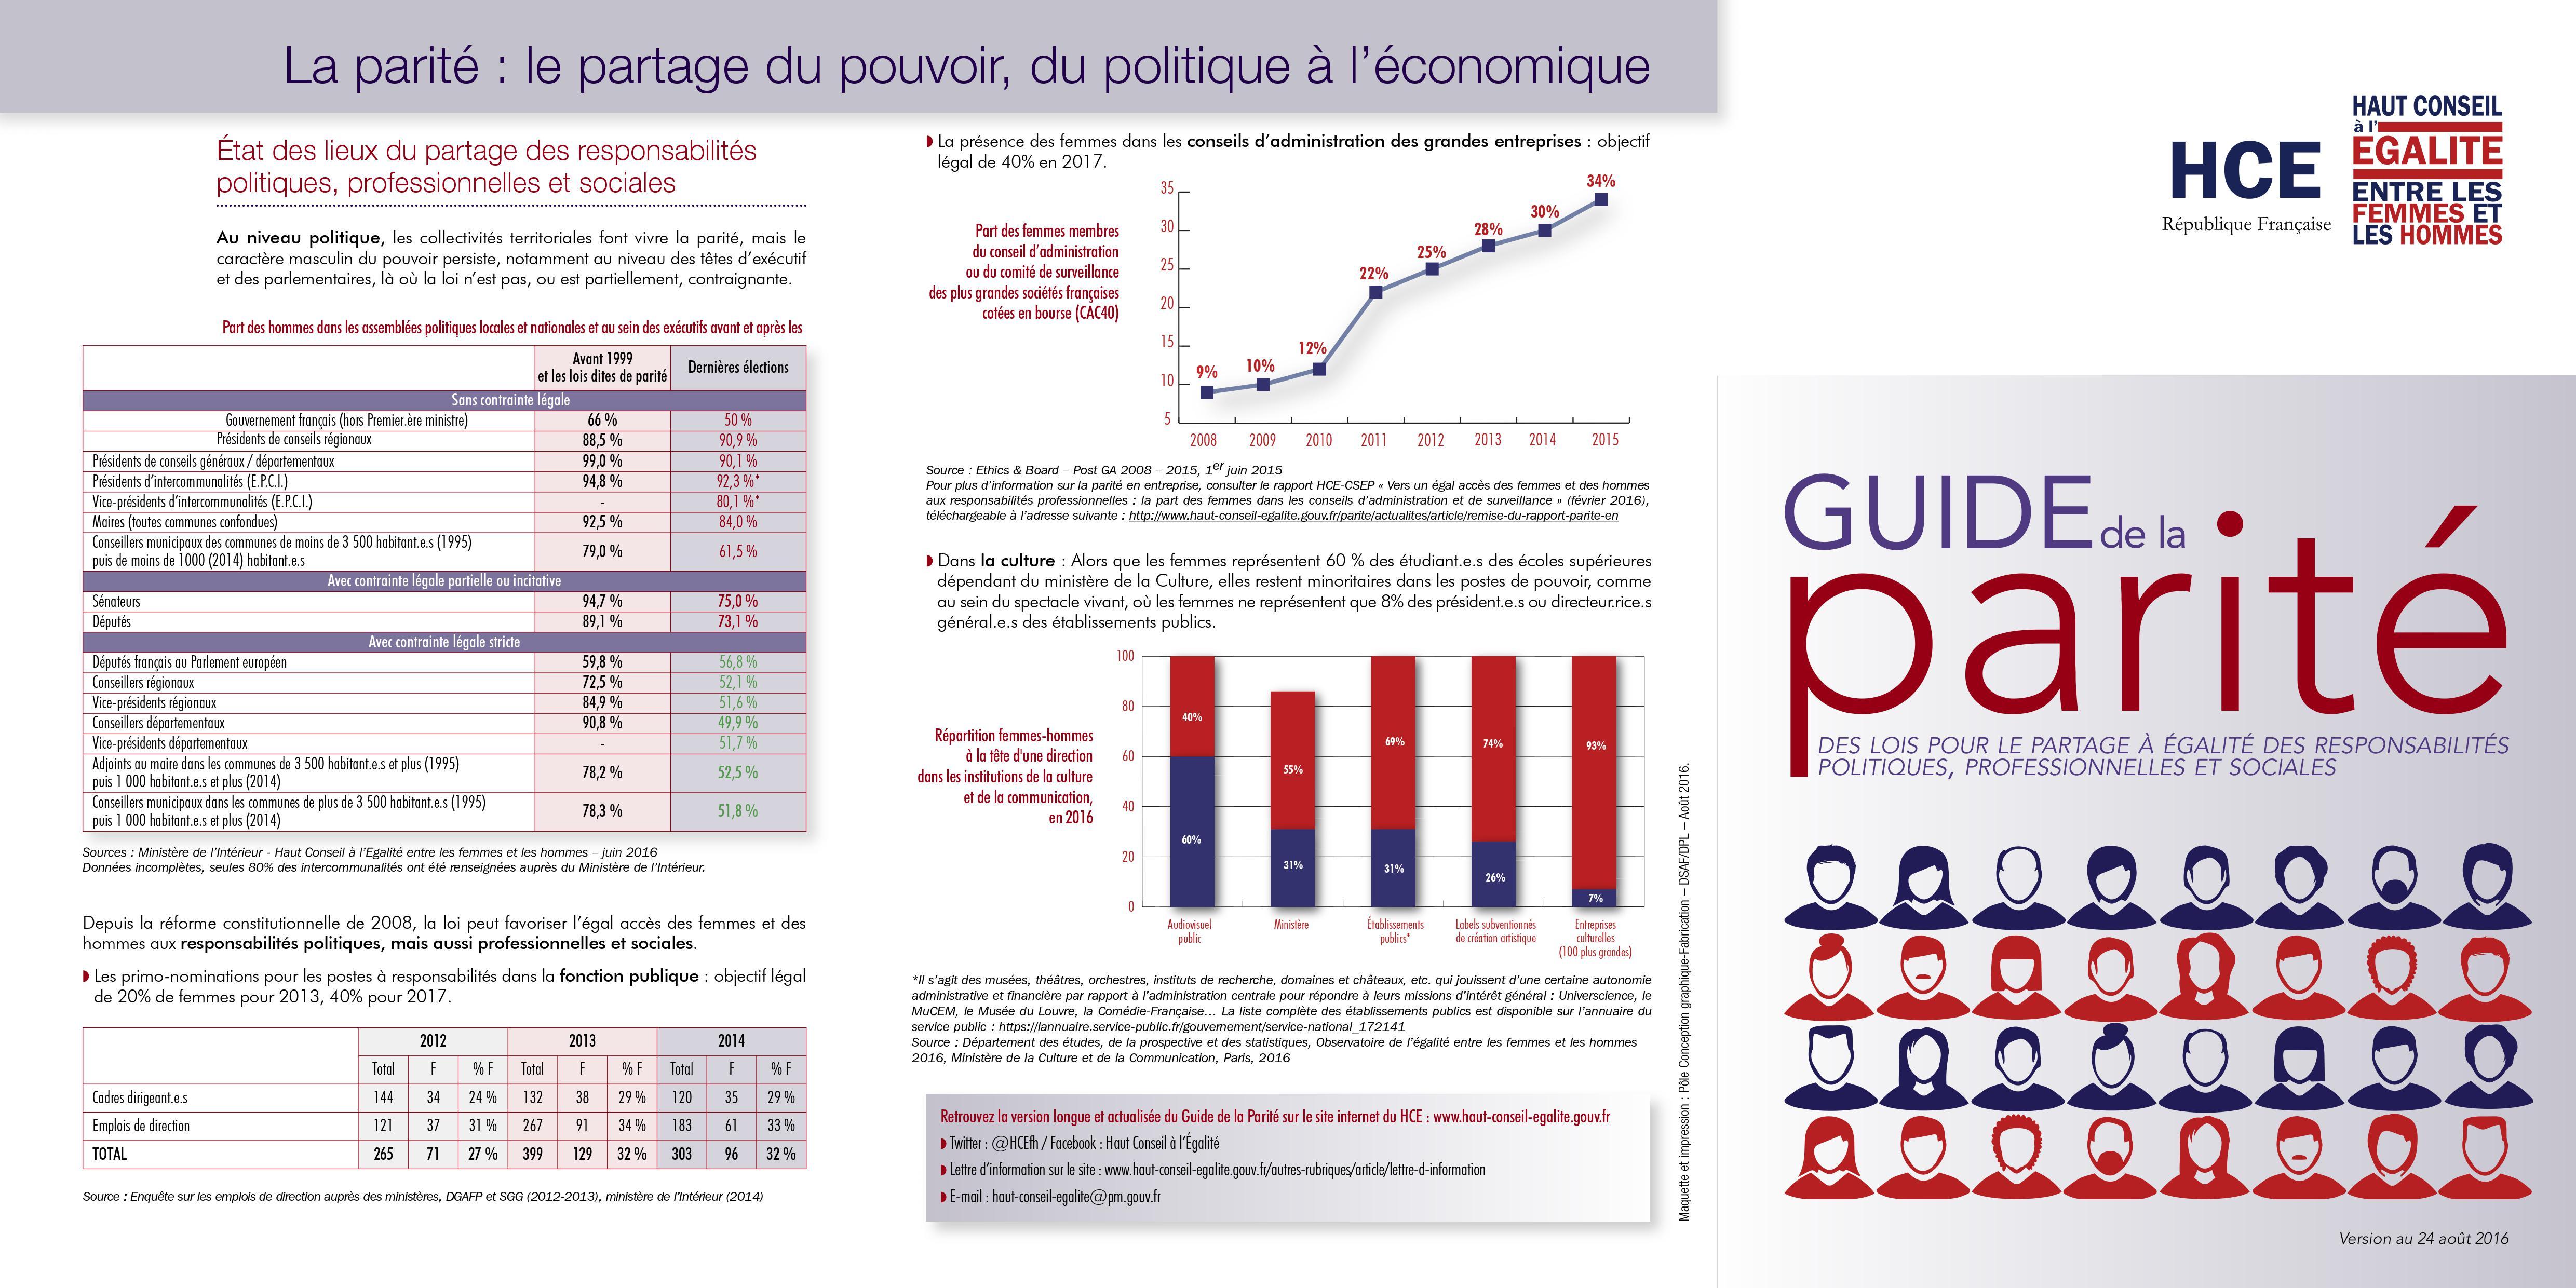 Guide_de_la_parite_1_AFV